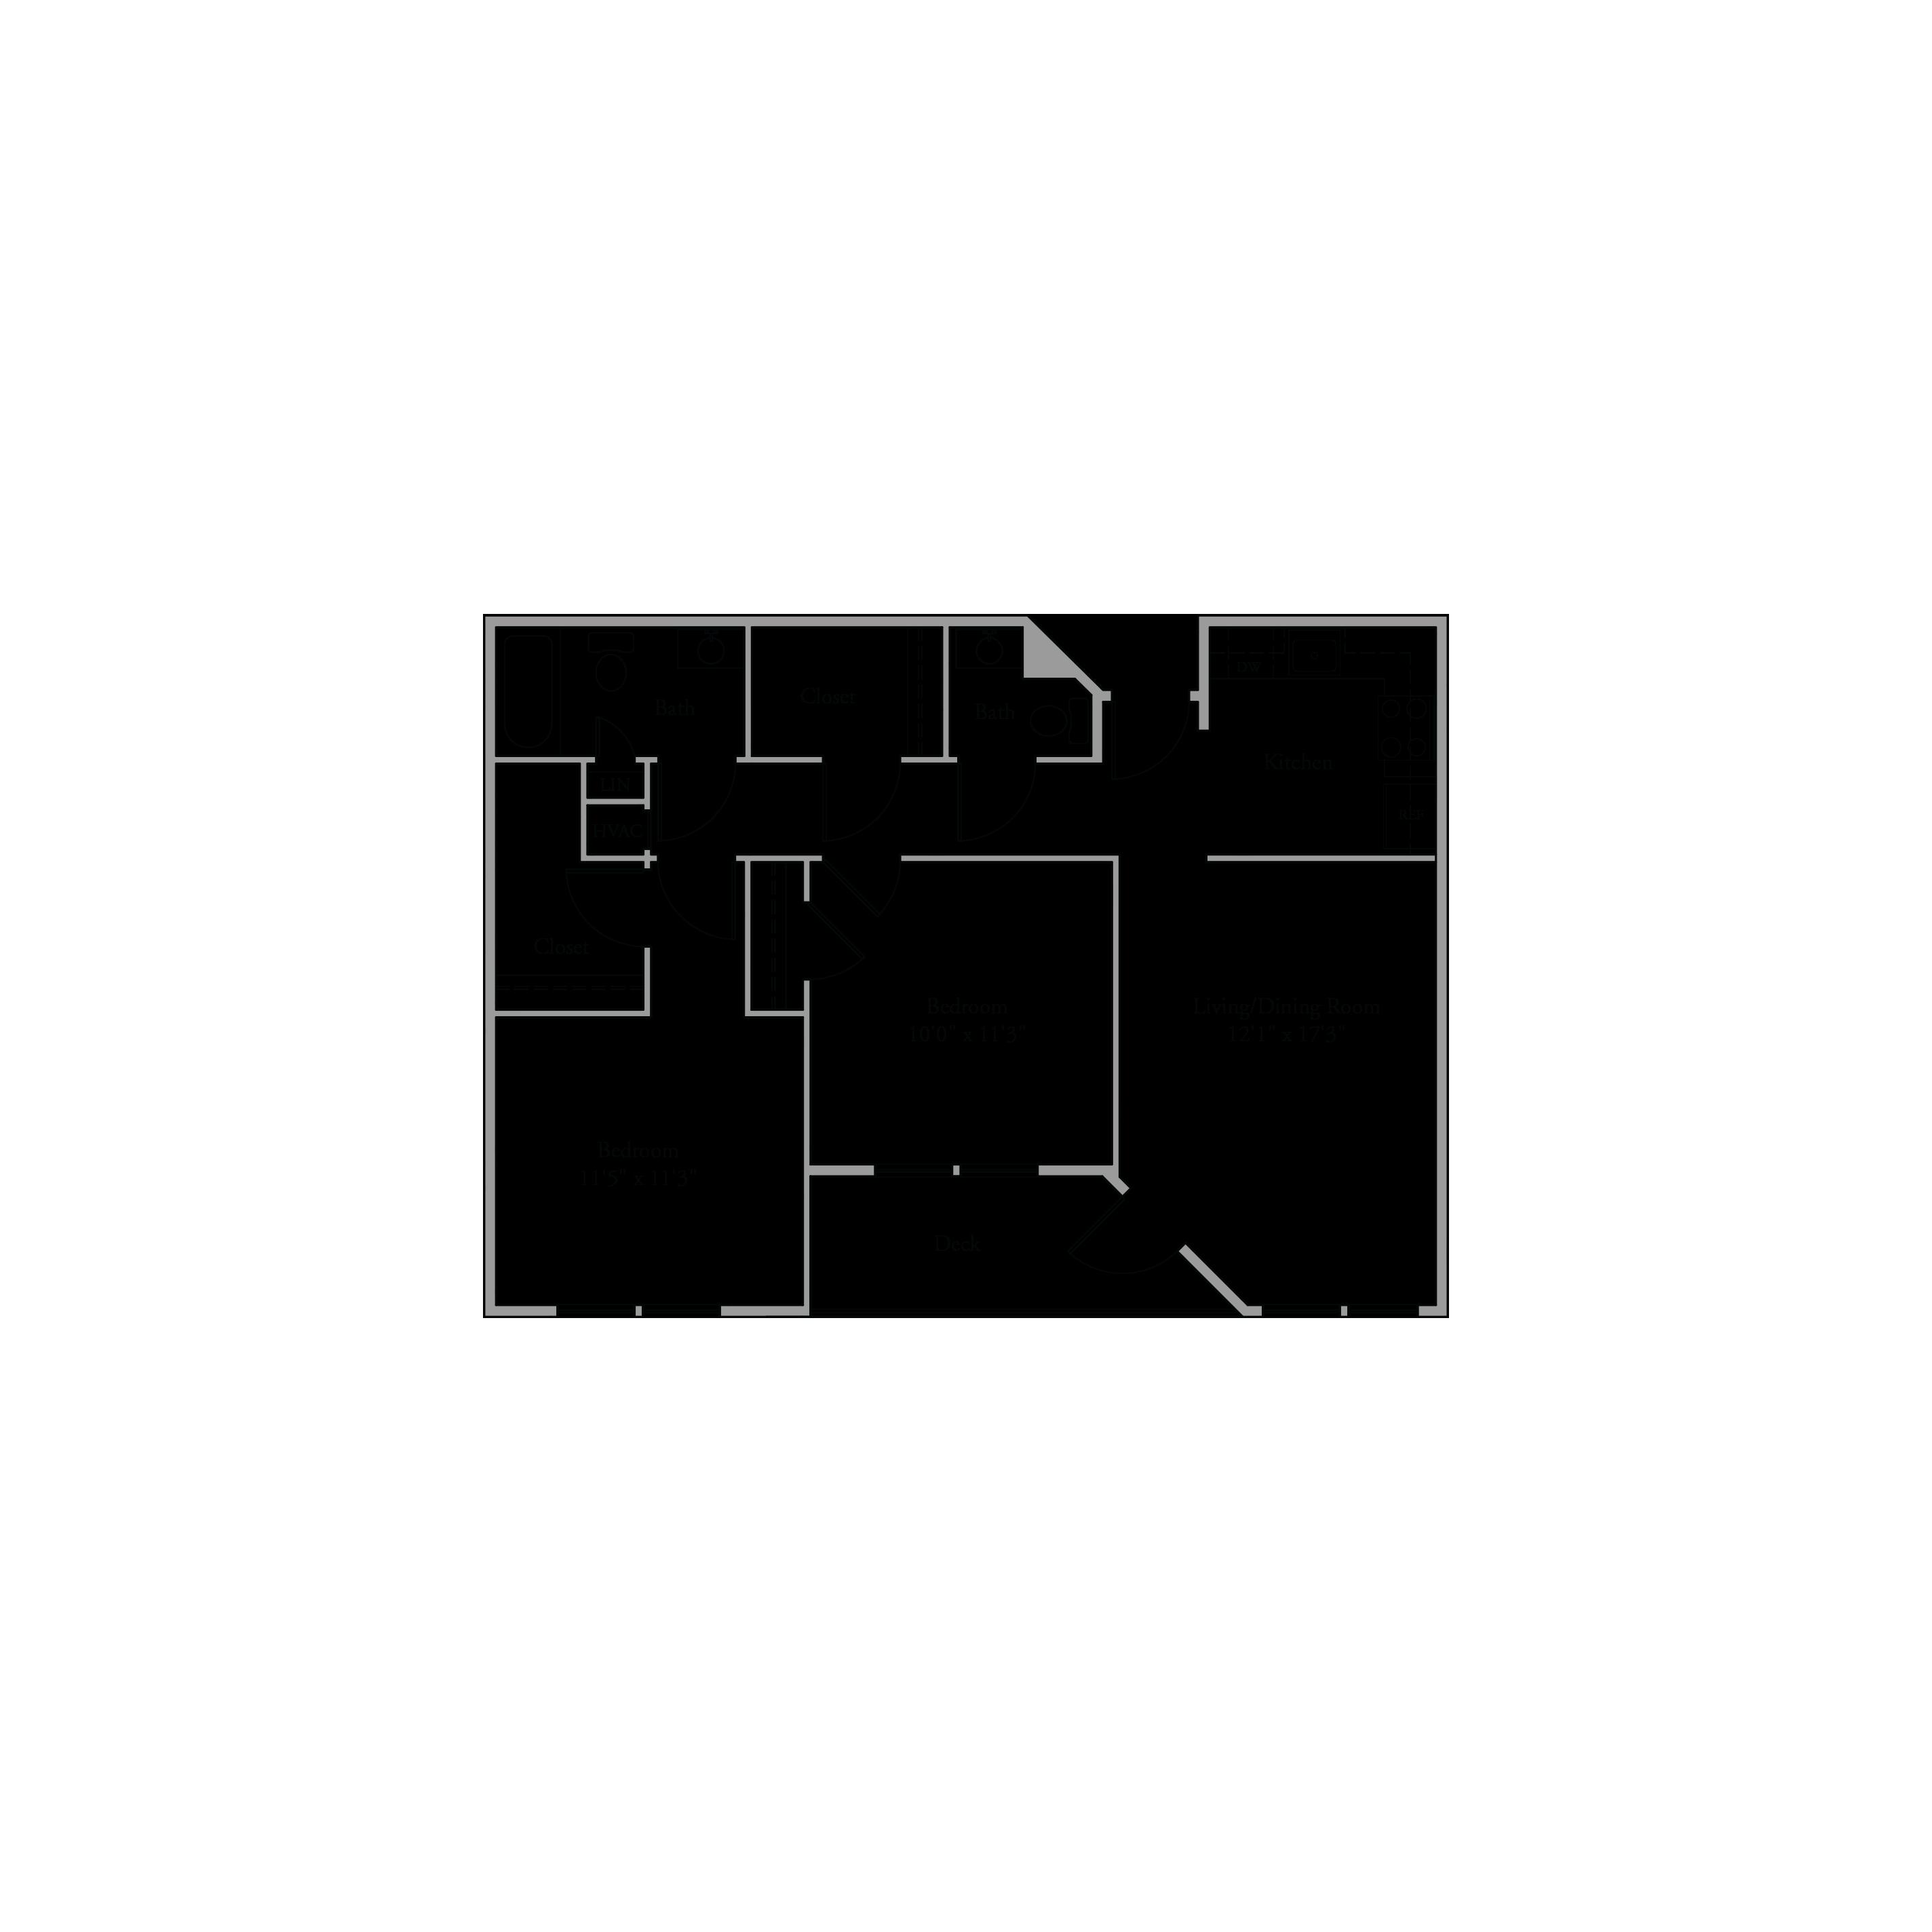 895 Sq Ft Floor Plan